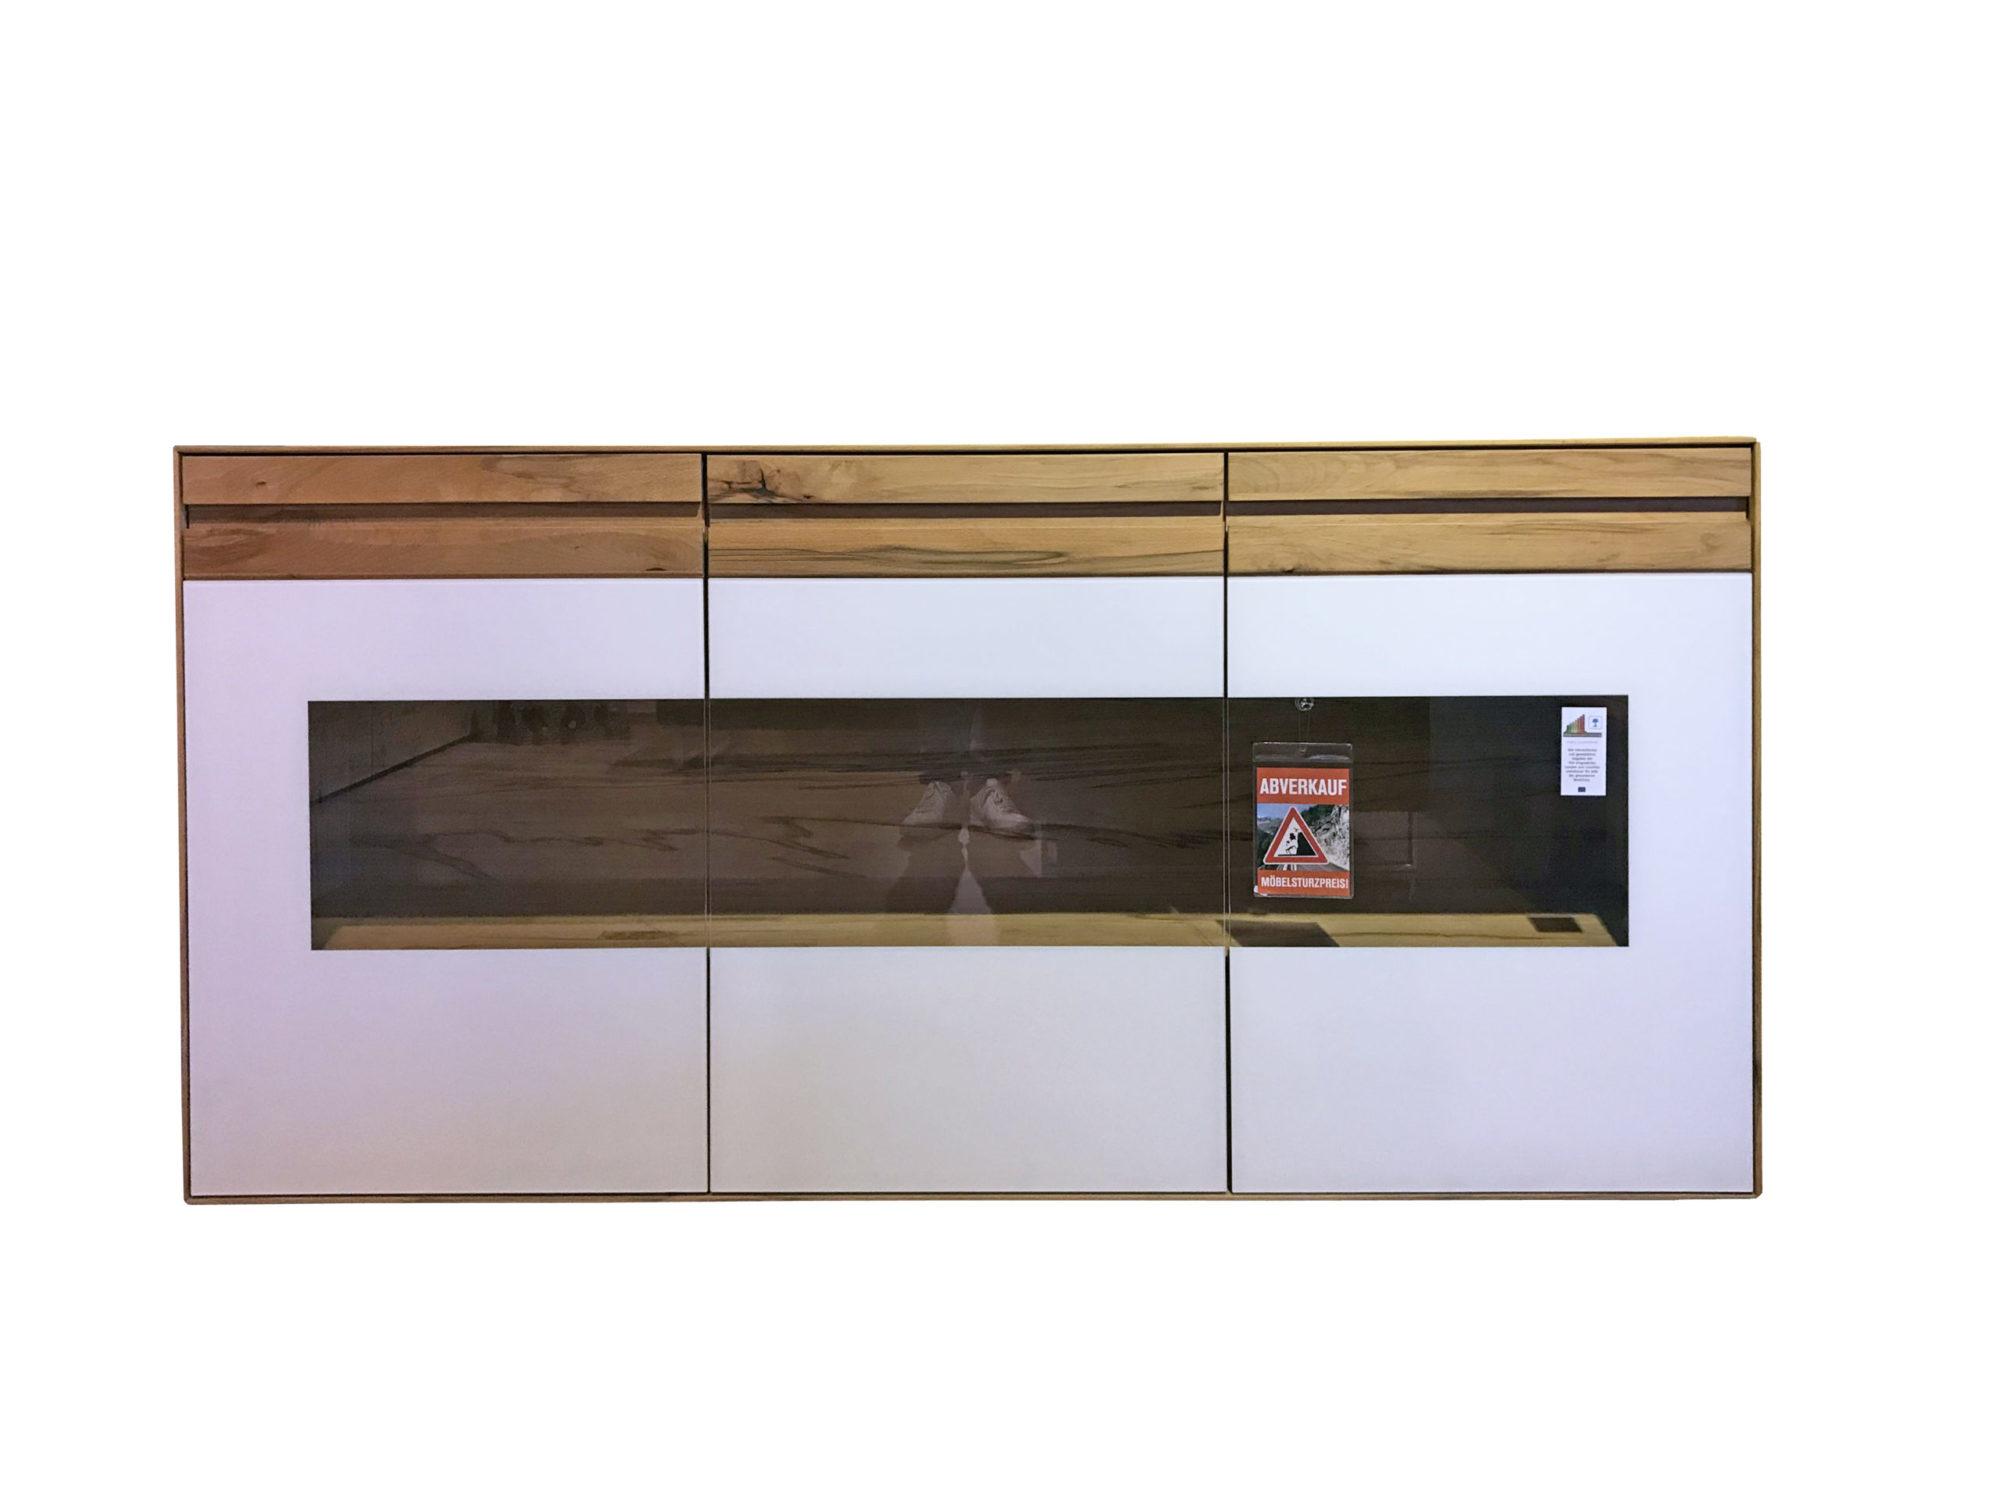 Sideboard in Kernbuche massiv mit Absetzungen in weiß - zum Schnäppchenpreis im Abverkauf